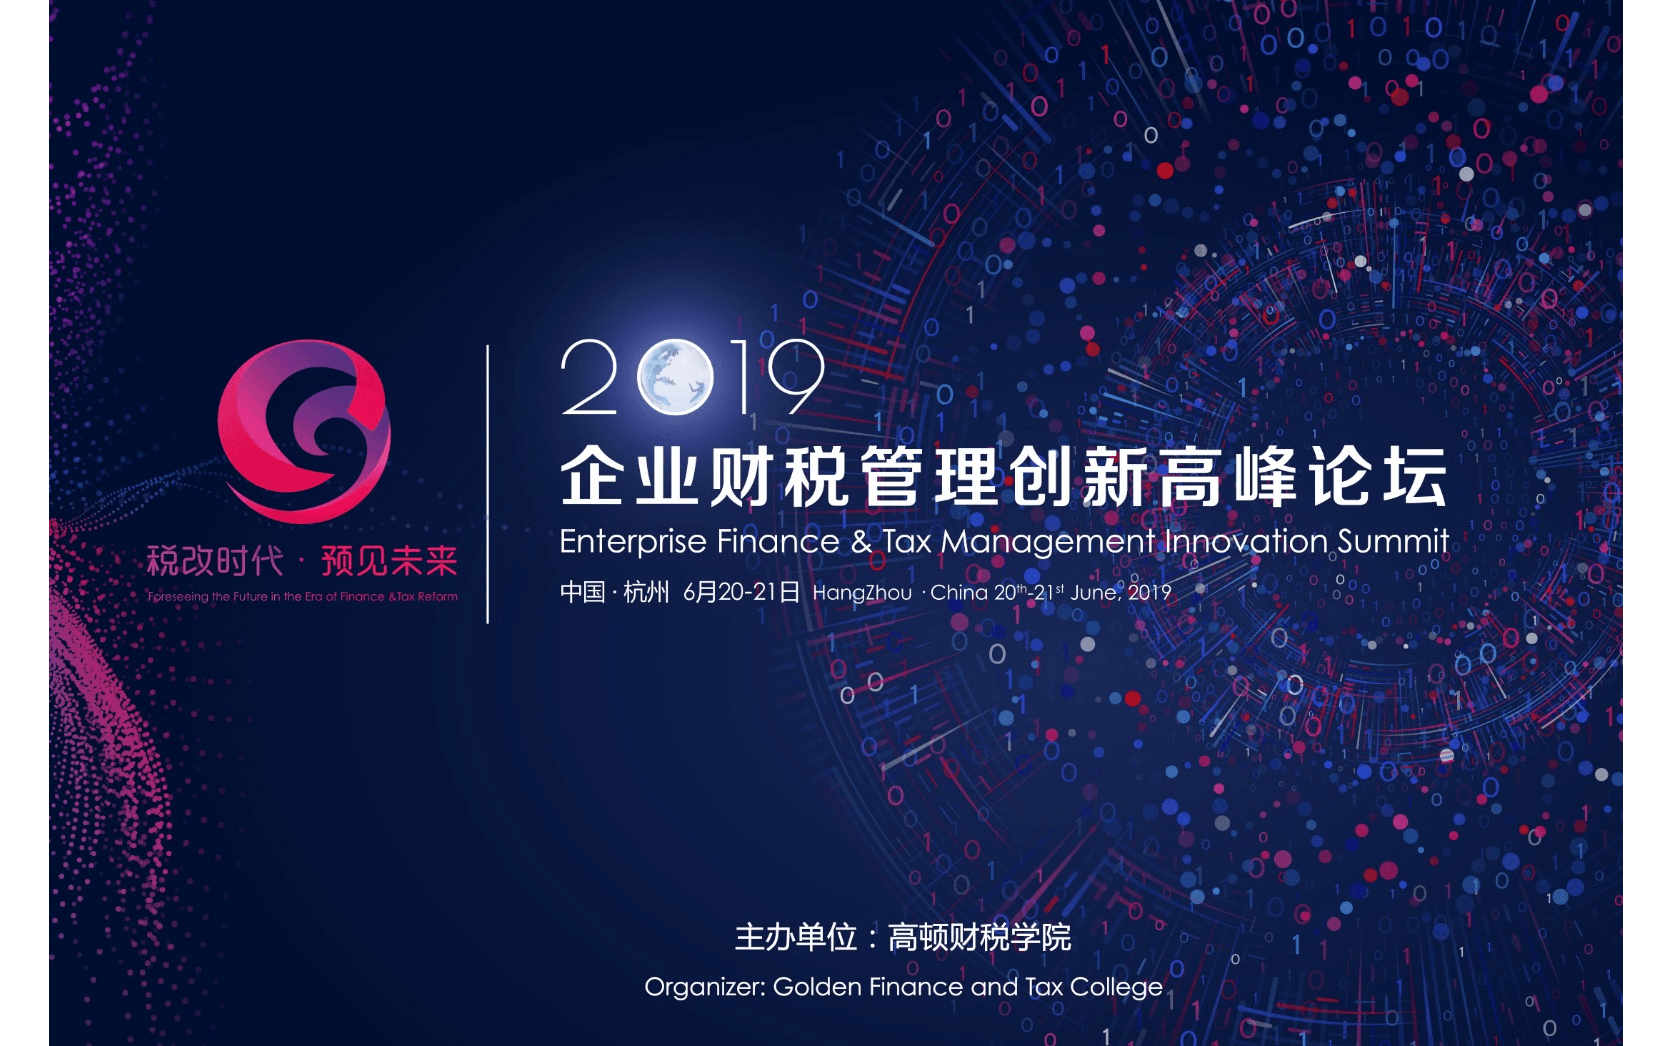 2019年企业财税管理创新高峰论坛(杭州)